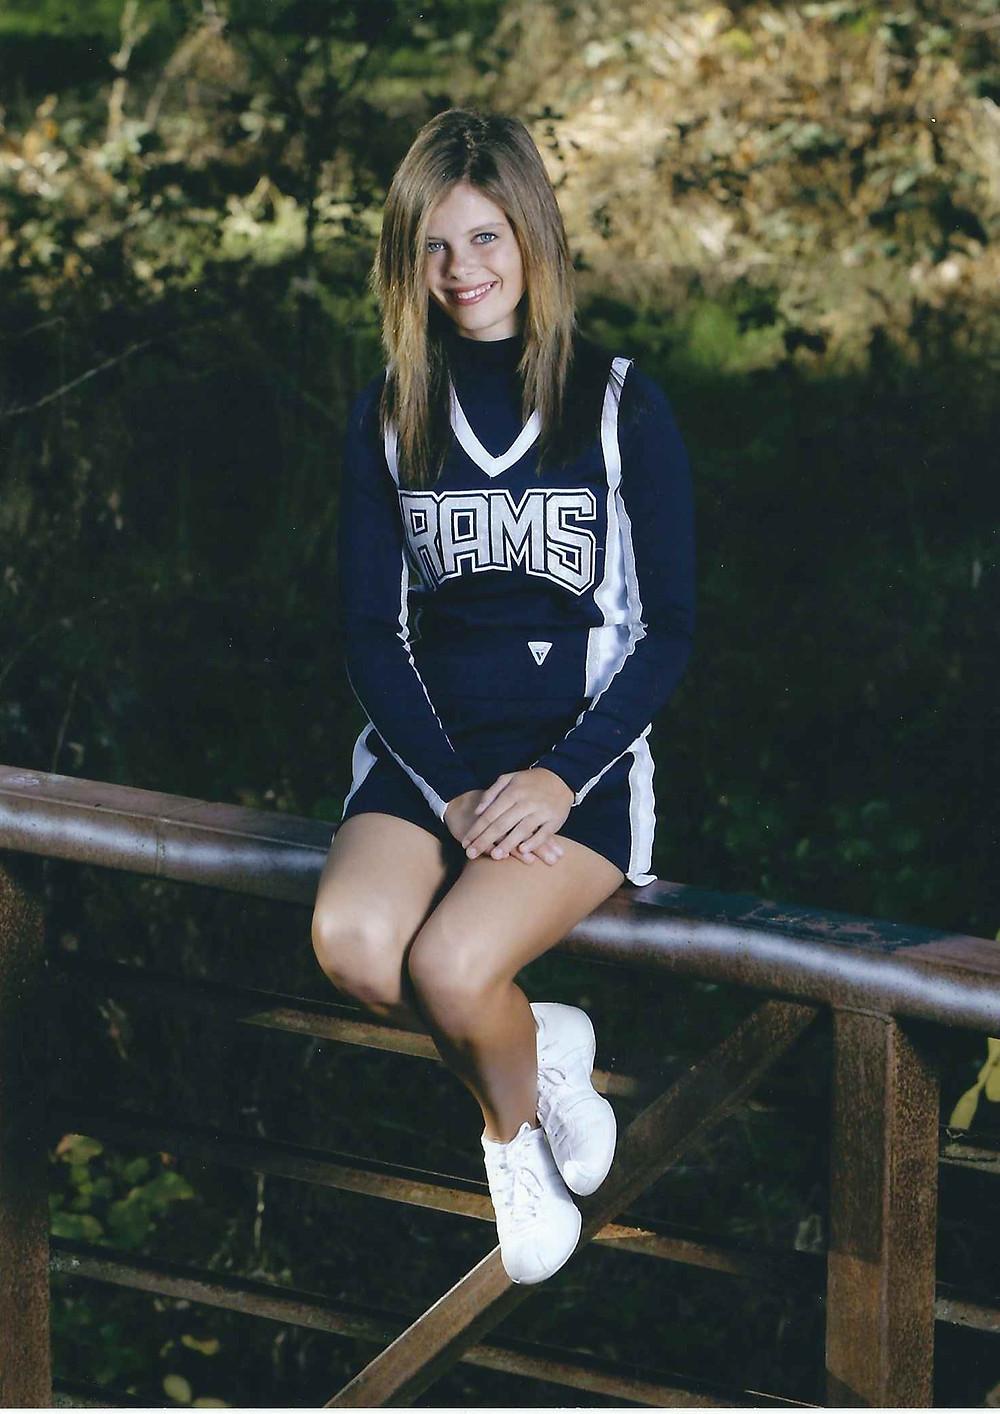 Maria cheerleader